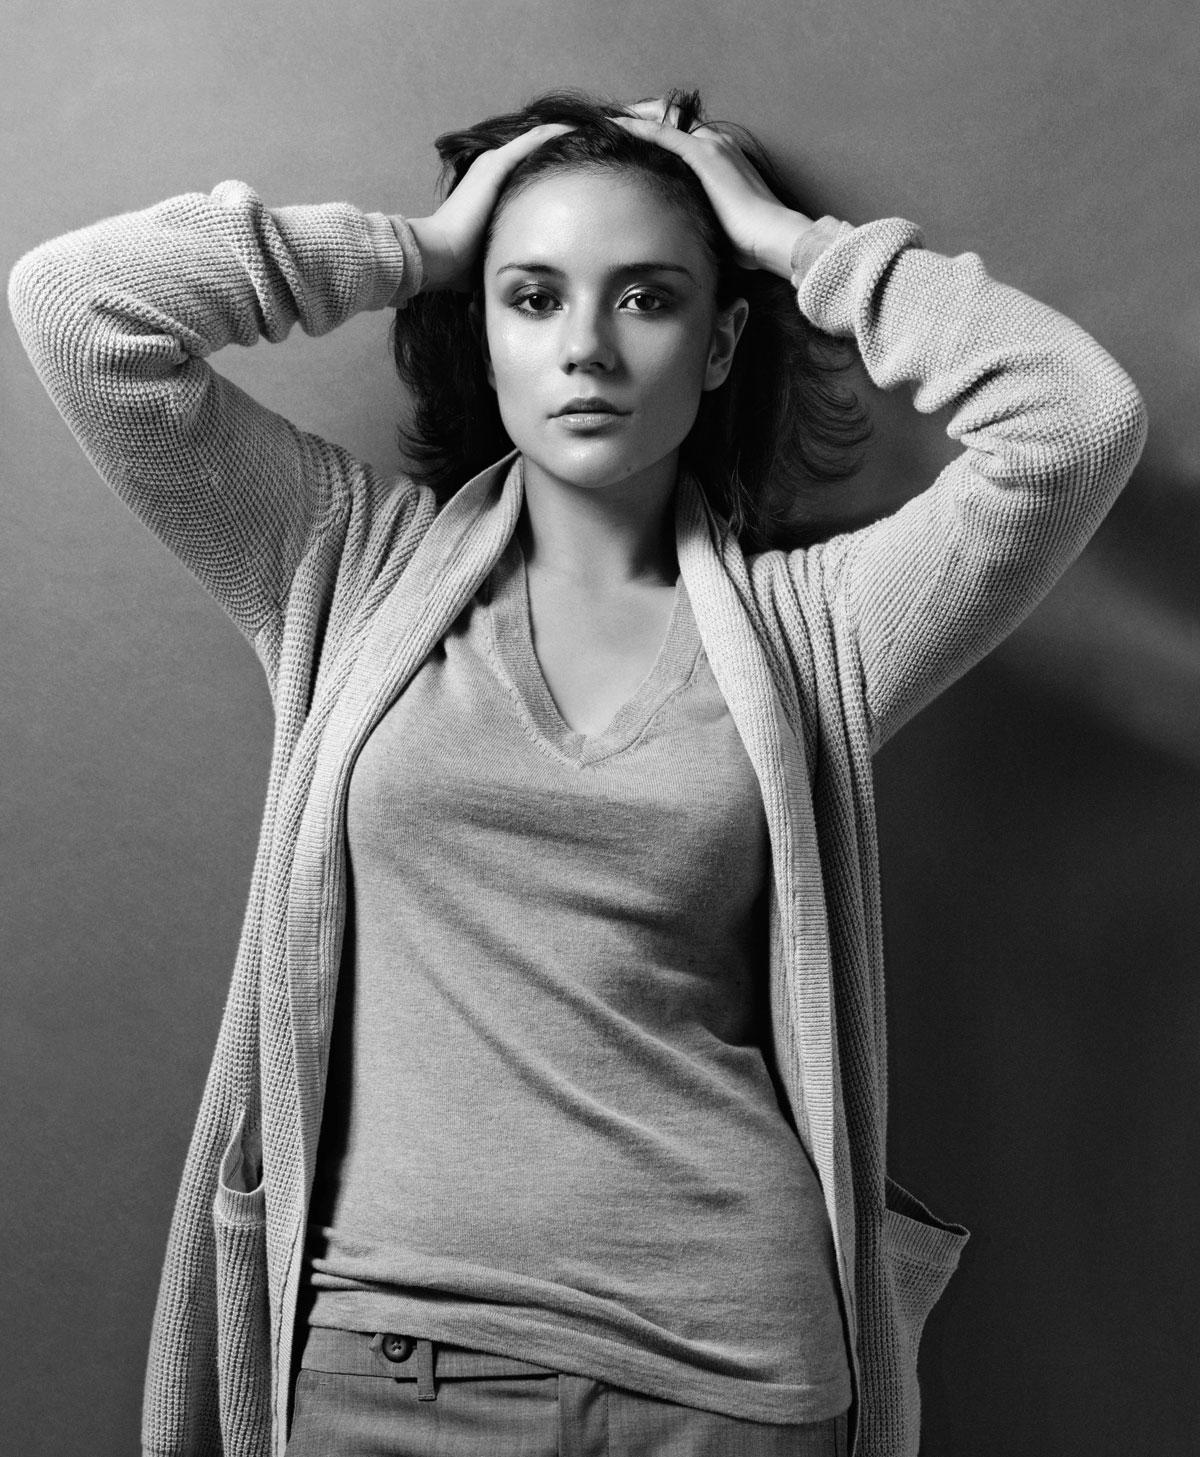 Catalina Sandino Moreno